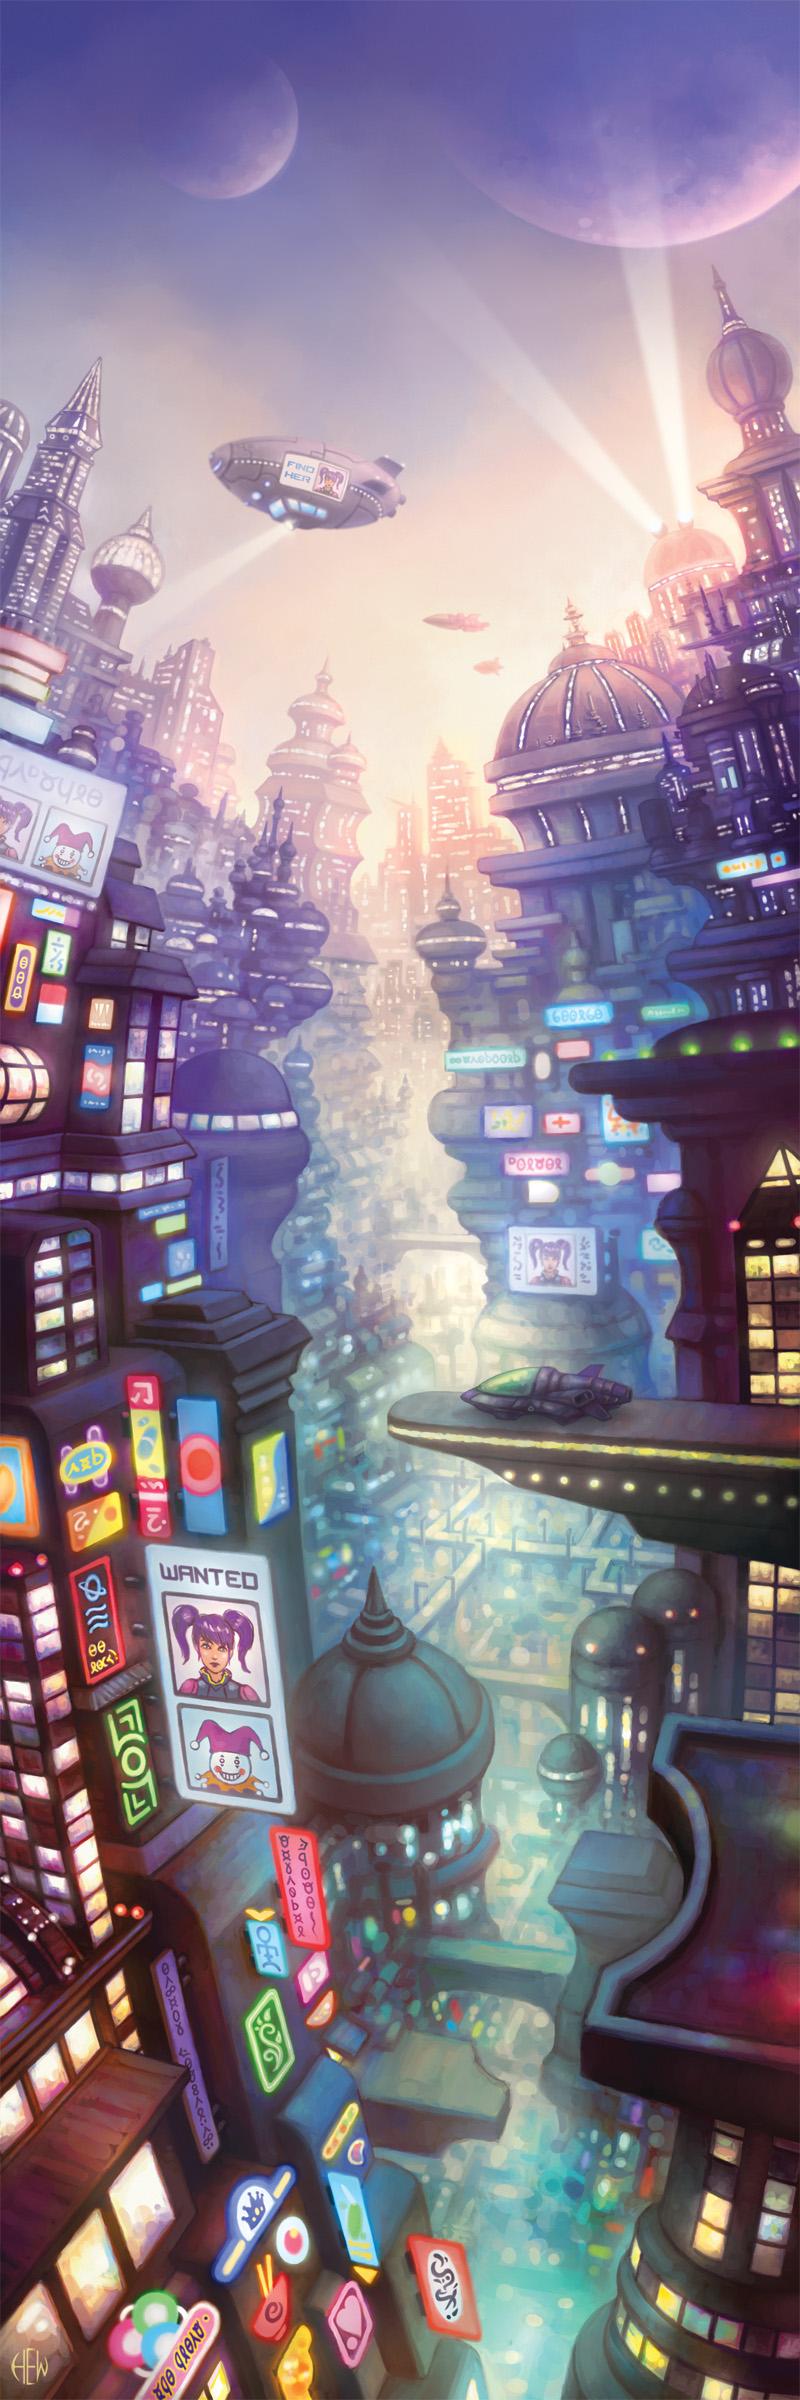 EE4 Album Art